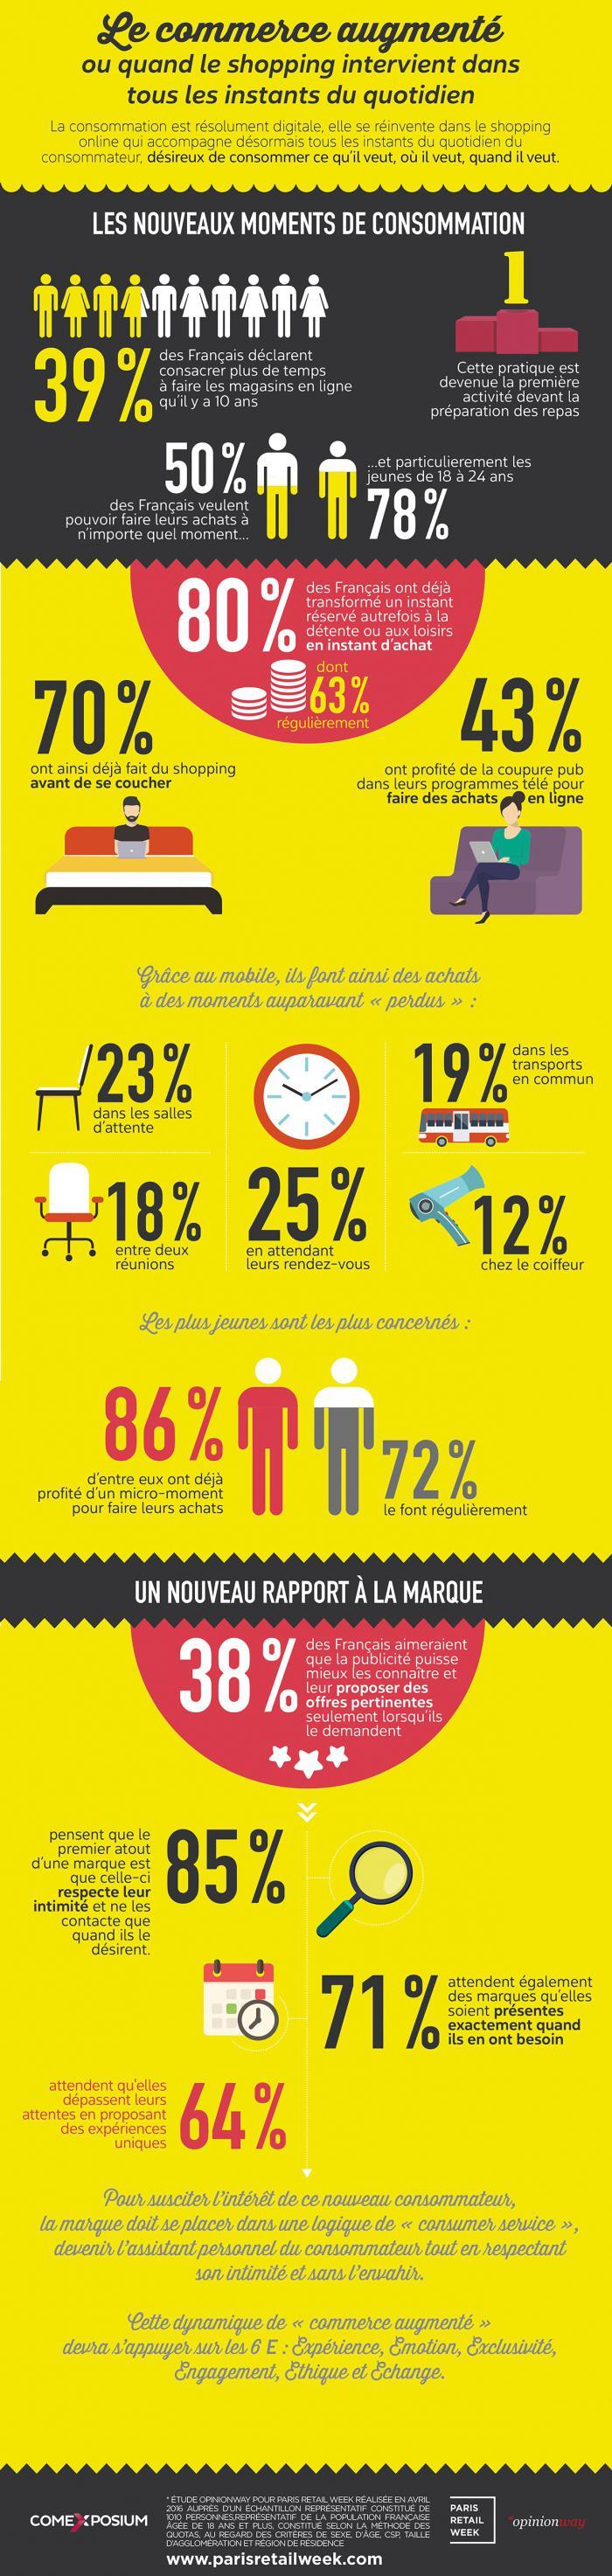 Les Jeunes Adeptes Du Micro Moment Pour Effectuer Leurs Achats En Ligne Commerce Marketing Numerique Infographie